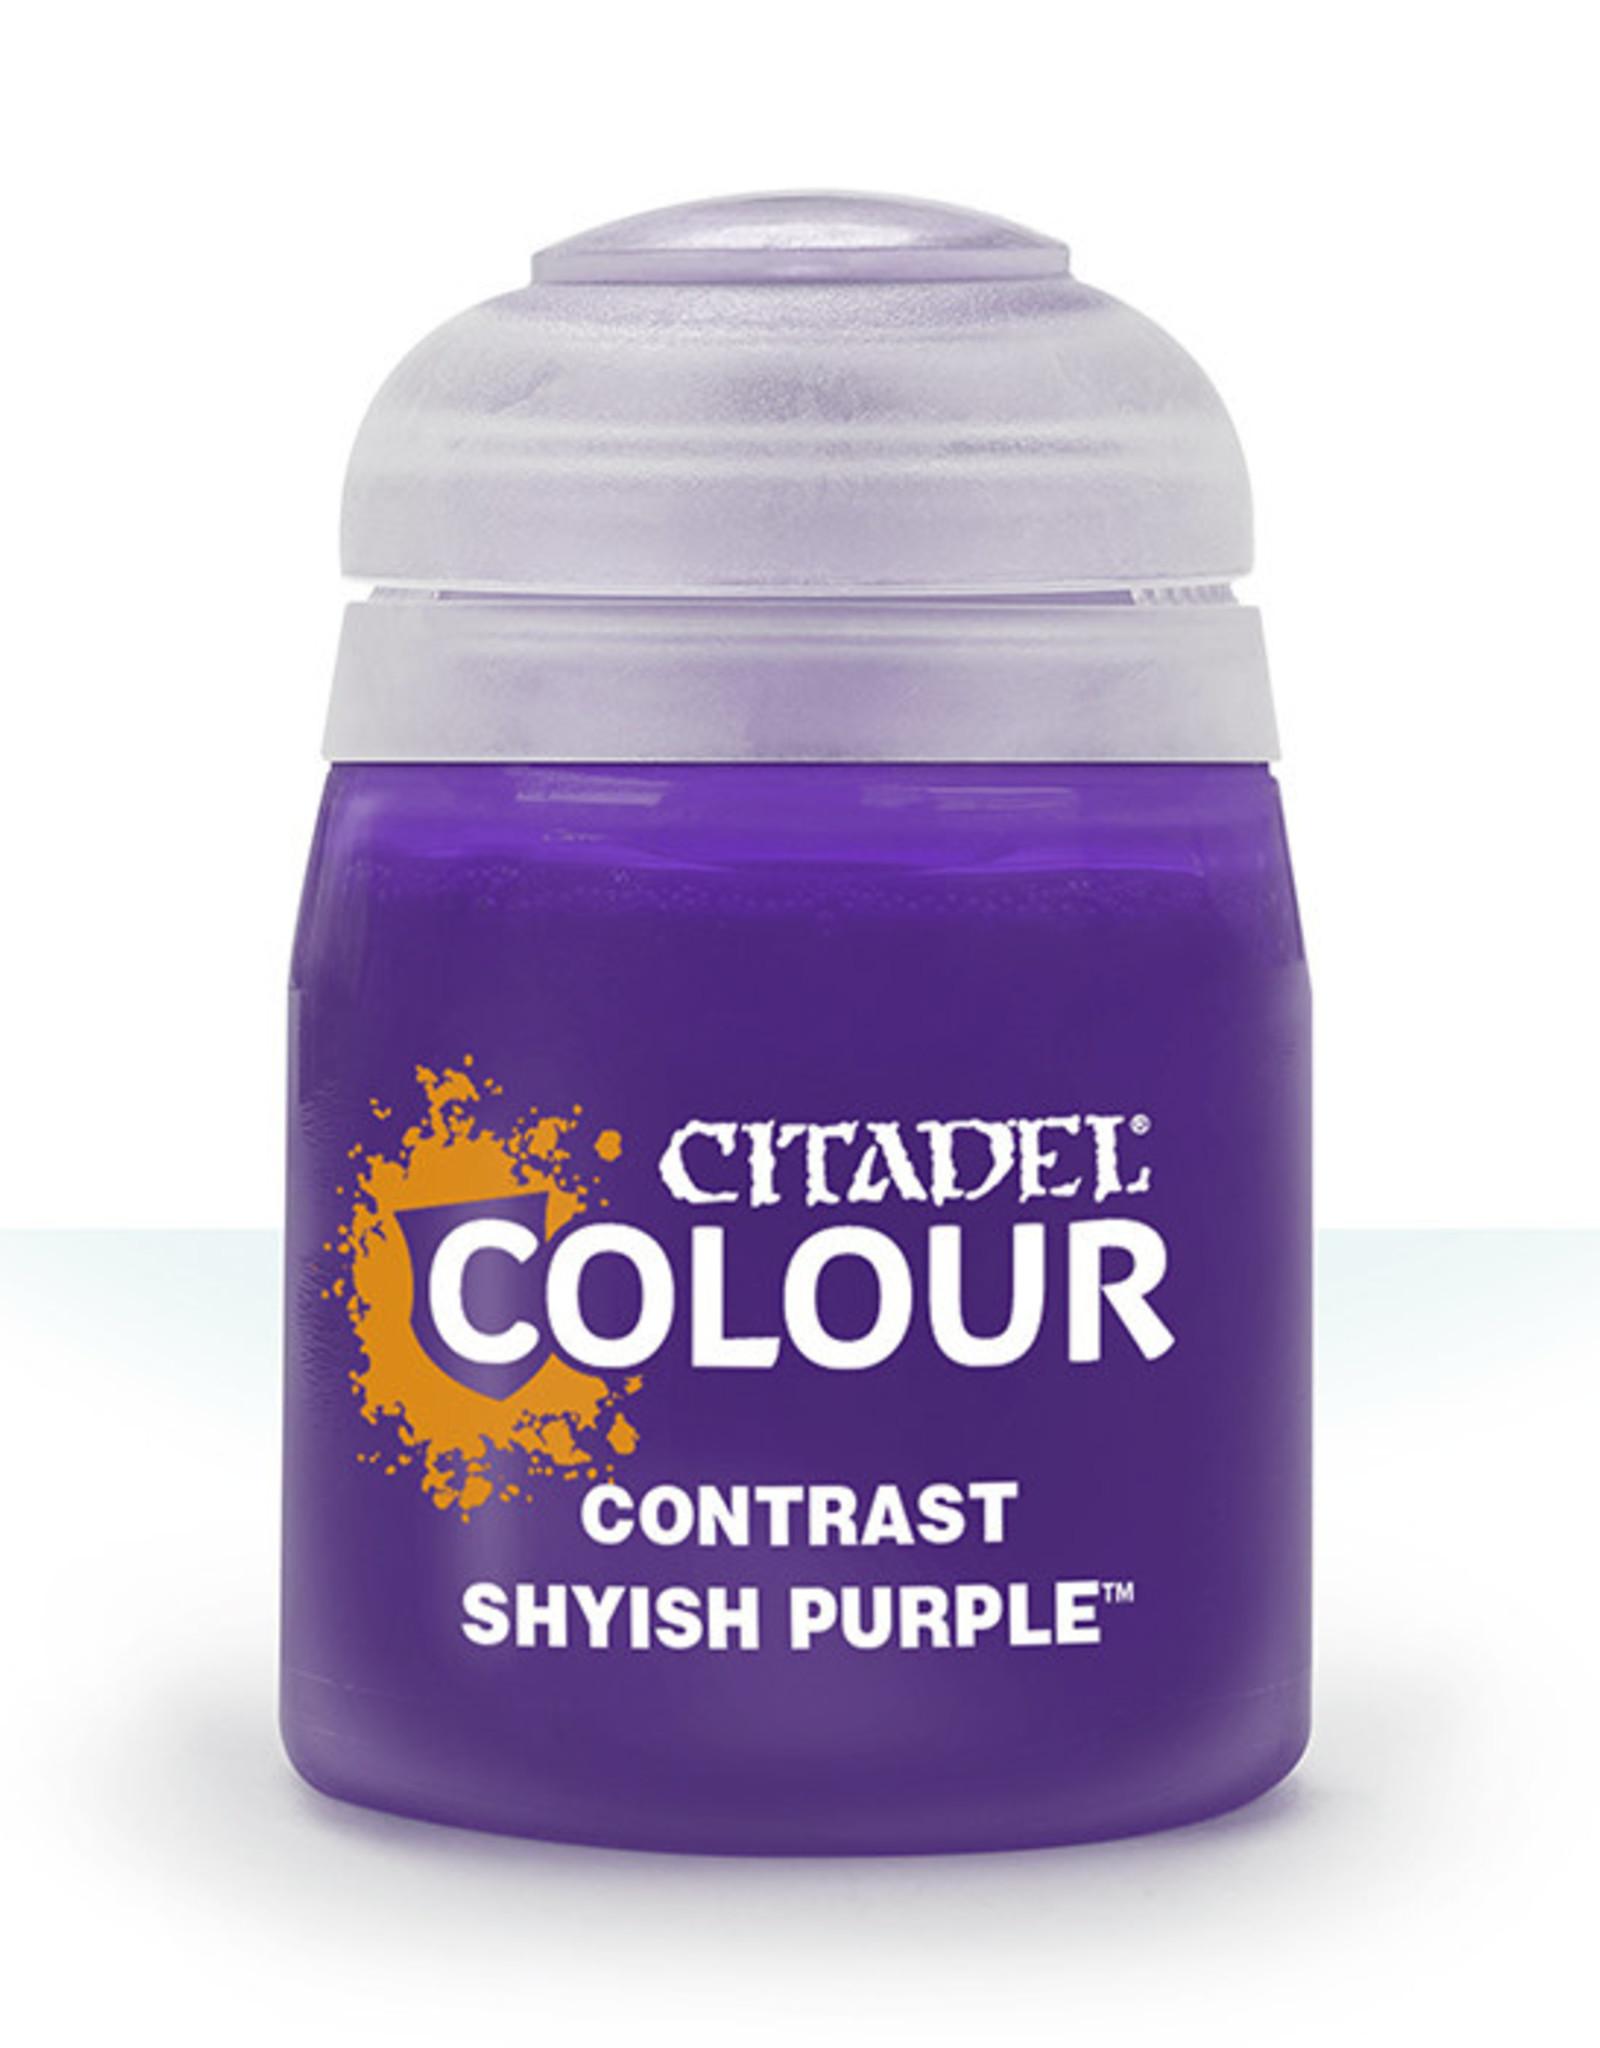 Citadel Citadel Colour: Contrast - Shyish Purple